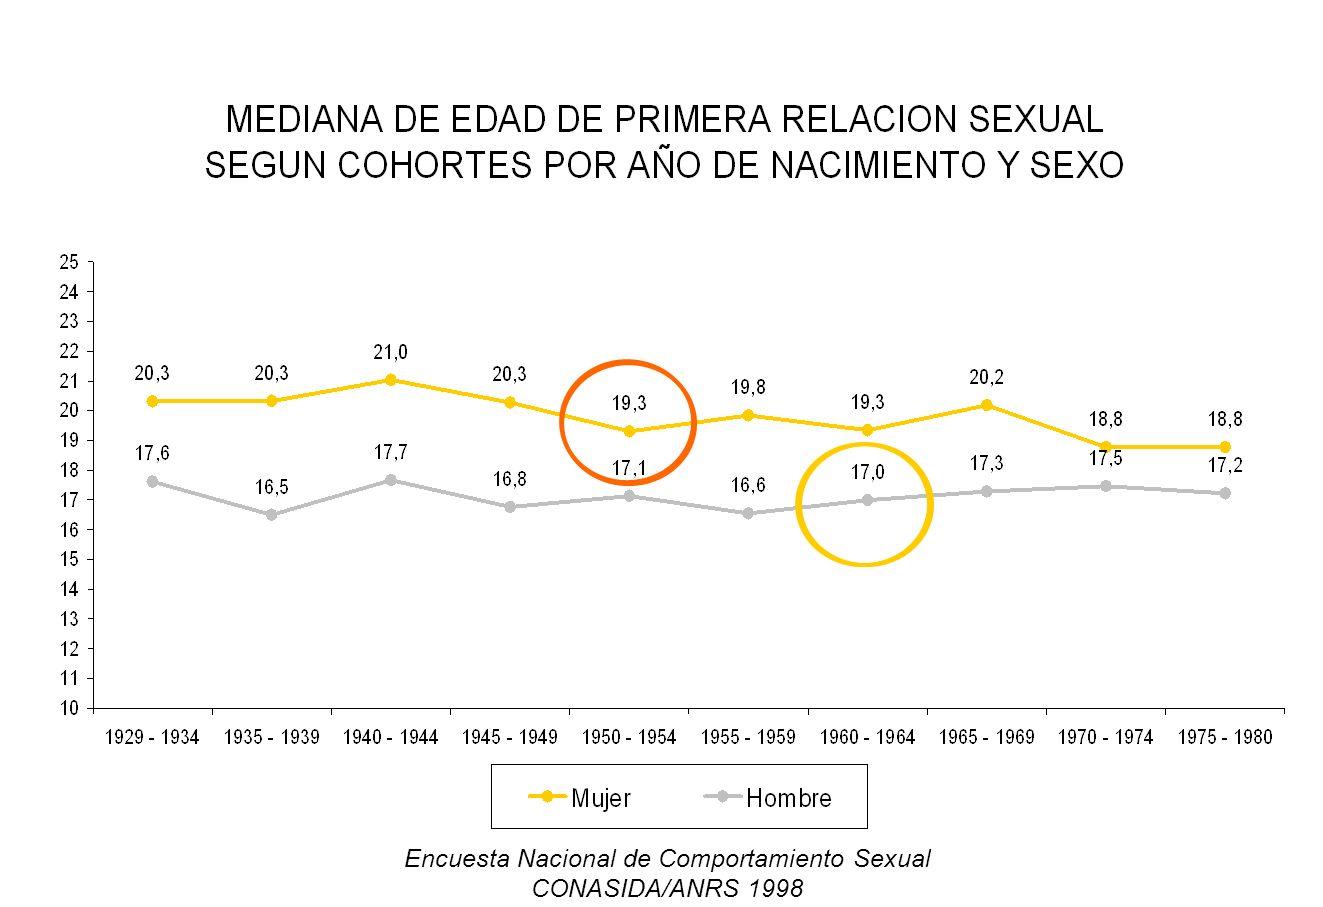 Encuesta Nacional de Comportamiento Sexual CONASIDA/ANRS 1998